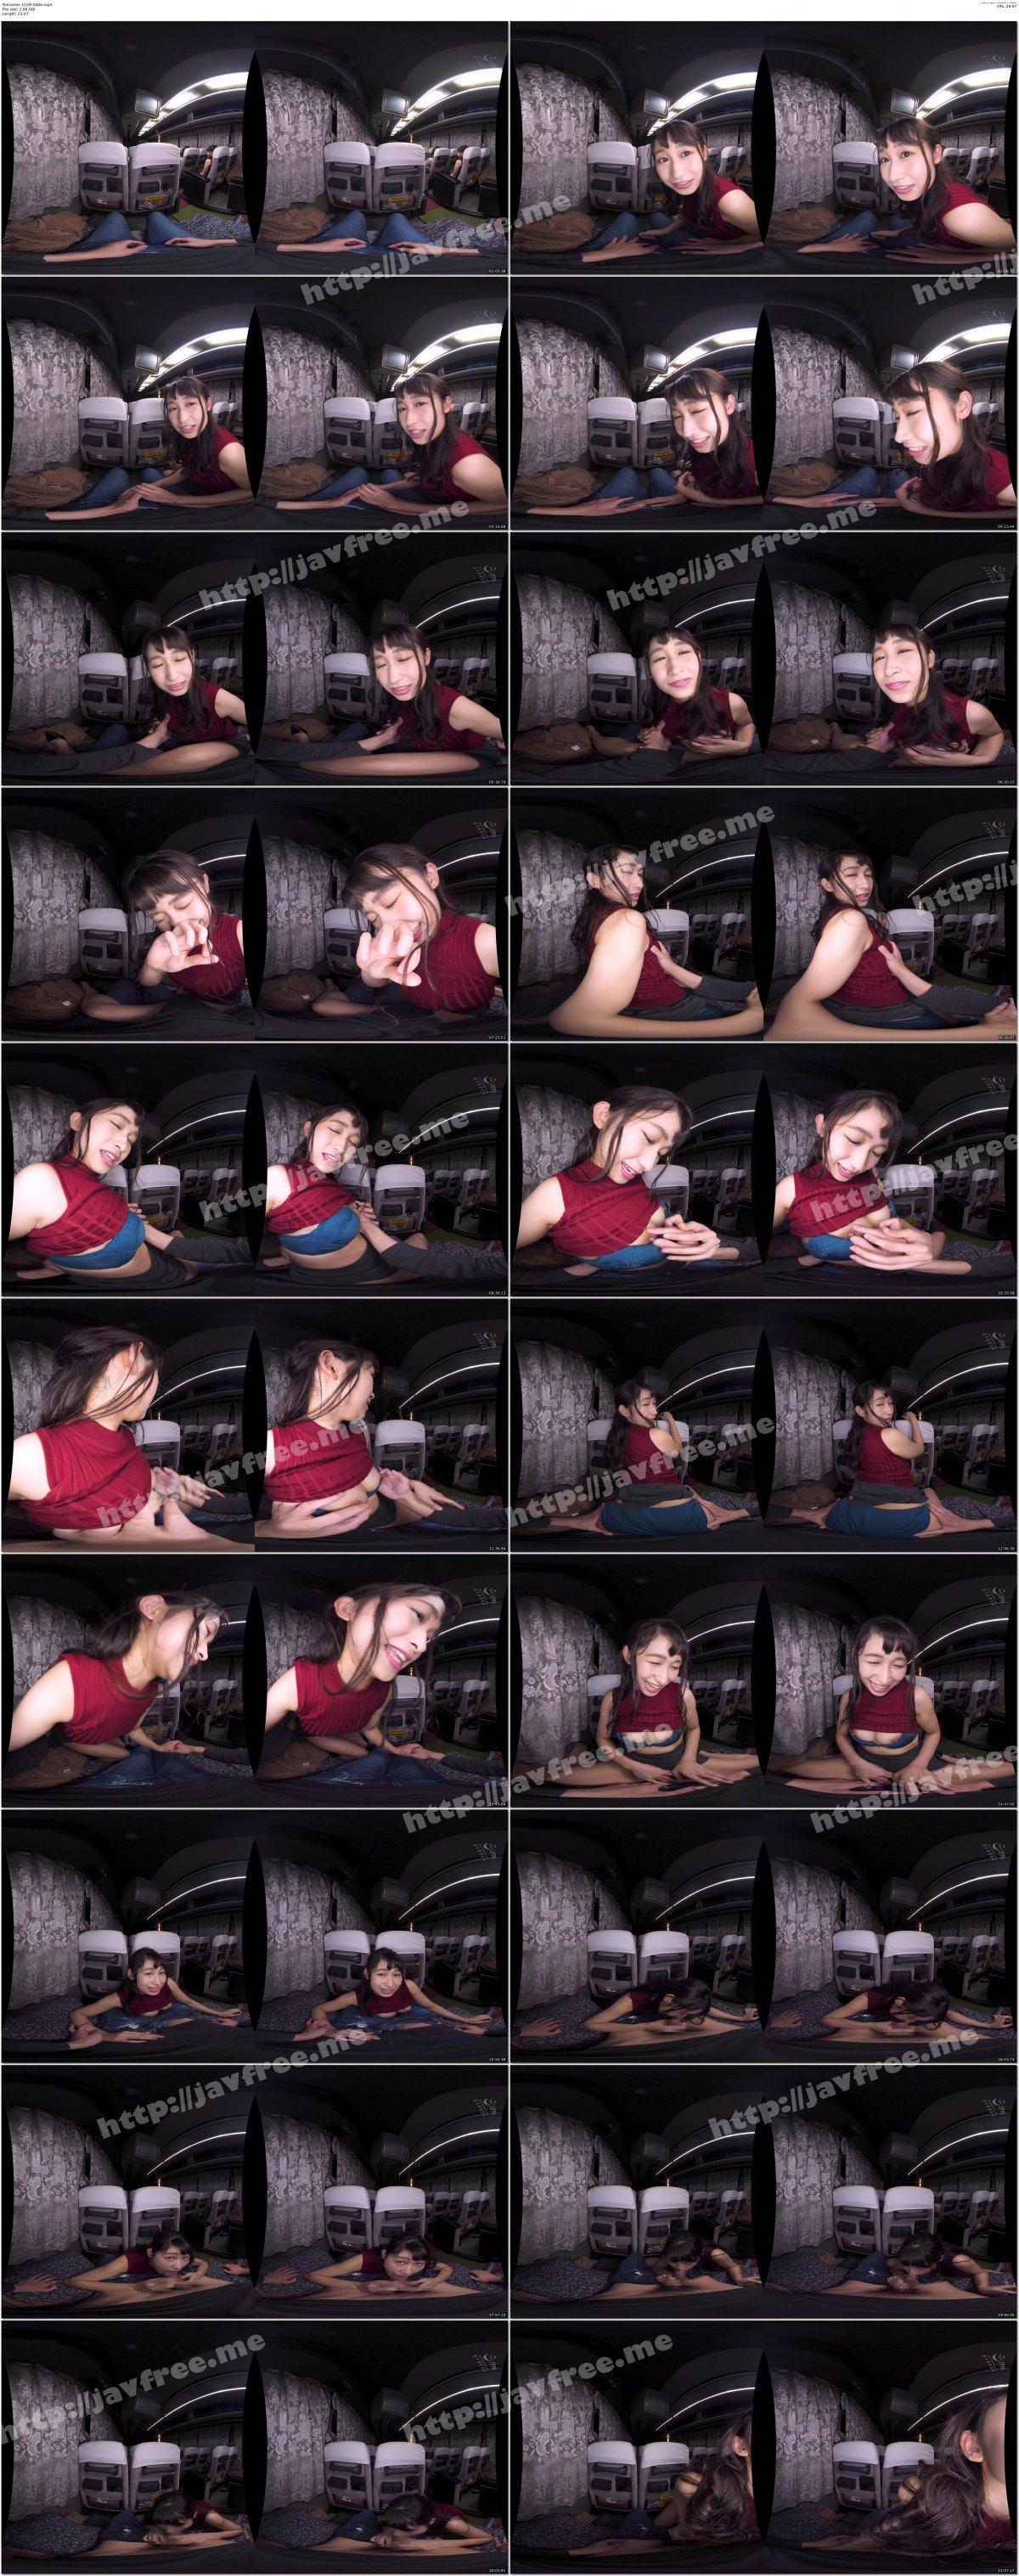 [CLVR-040] 【VR】VR長尺 夜行バスで乗り合わせた女性がカラダをすり寄せ誘惑。バレないように耳元で囁かなれがらHしたら、 それに気づいた別の乗客からも誘惑されSEXしてしまいました。静岡~新宿編【現行最高画質】